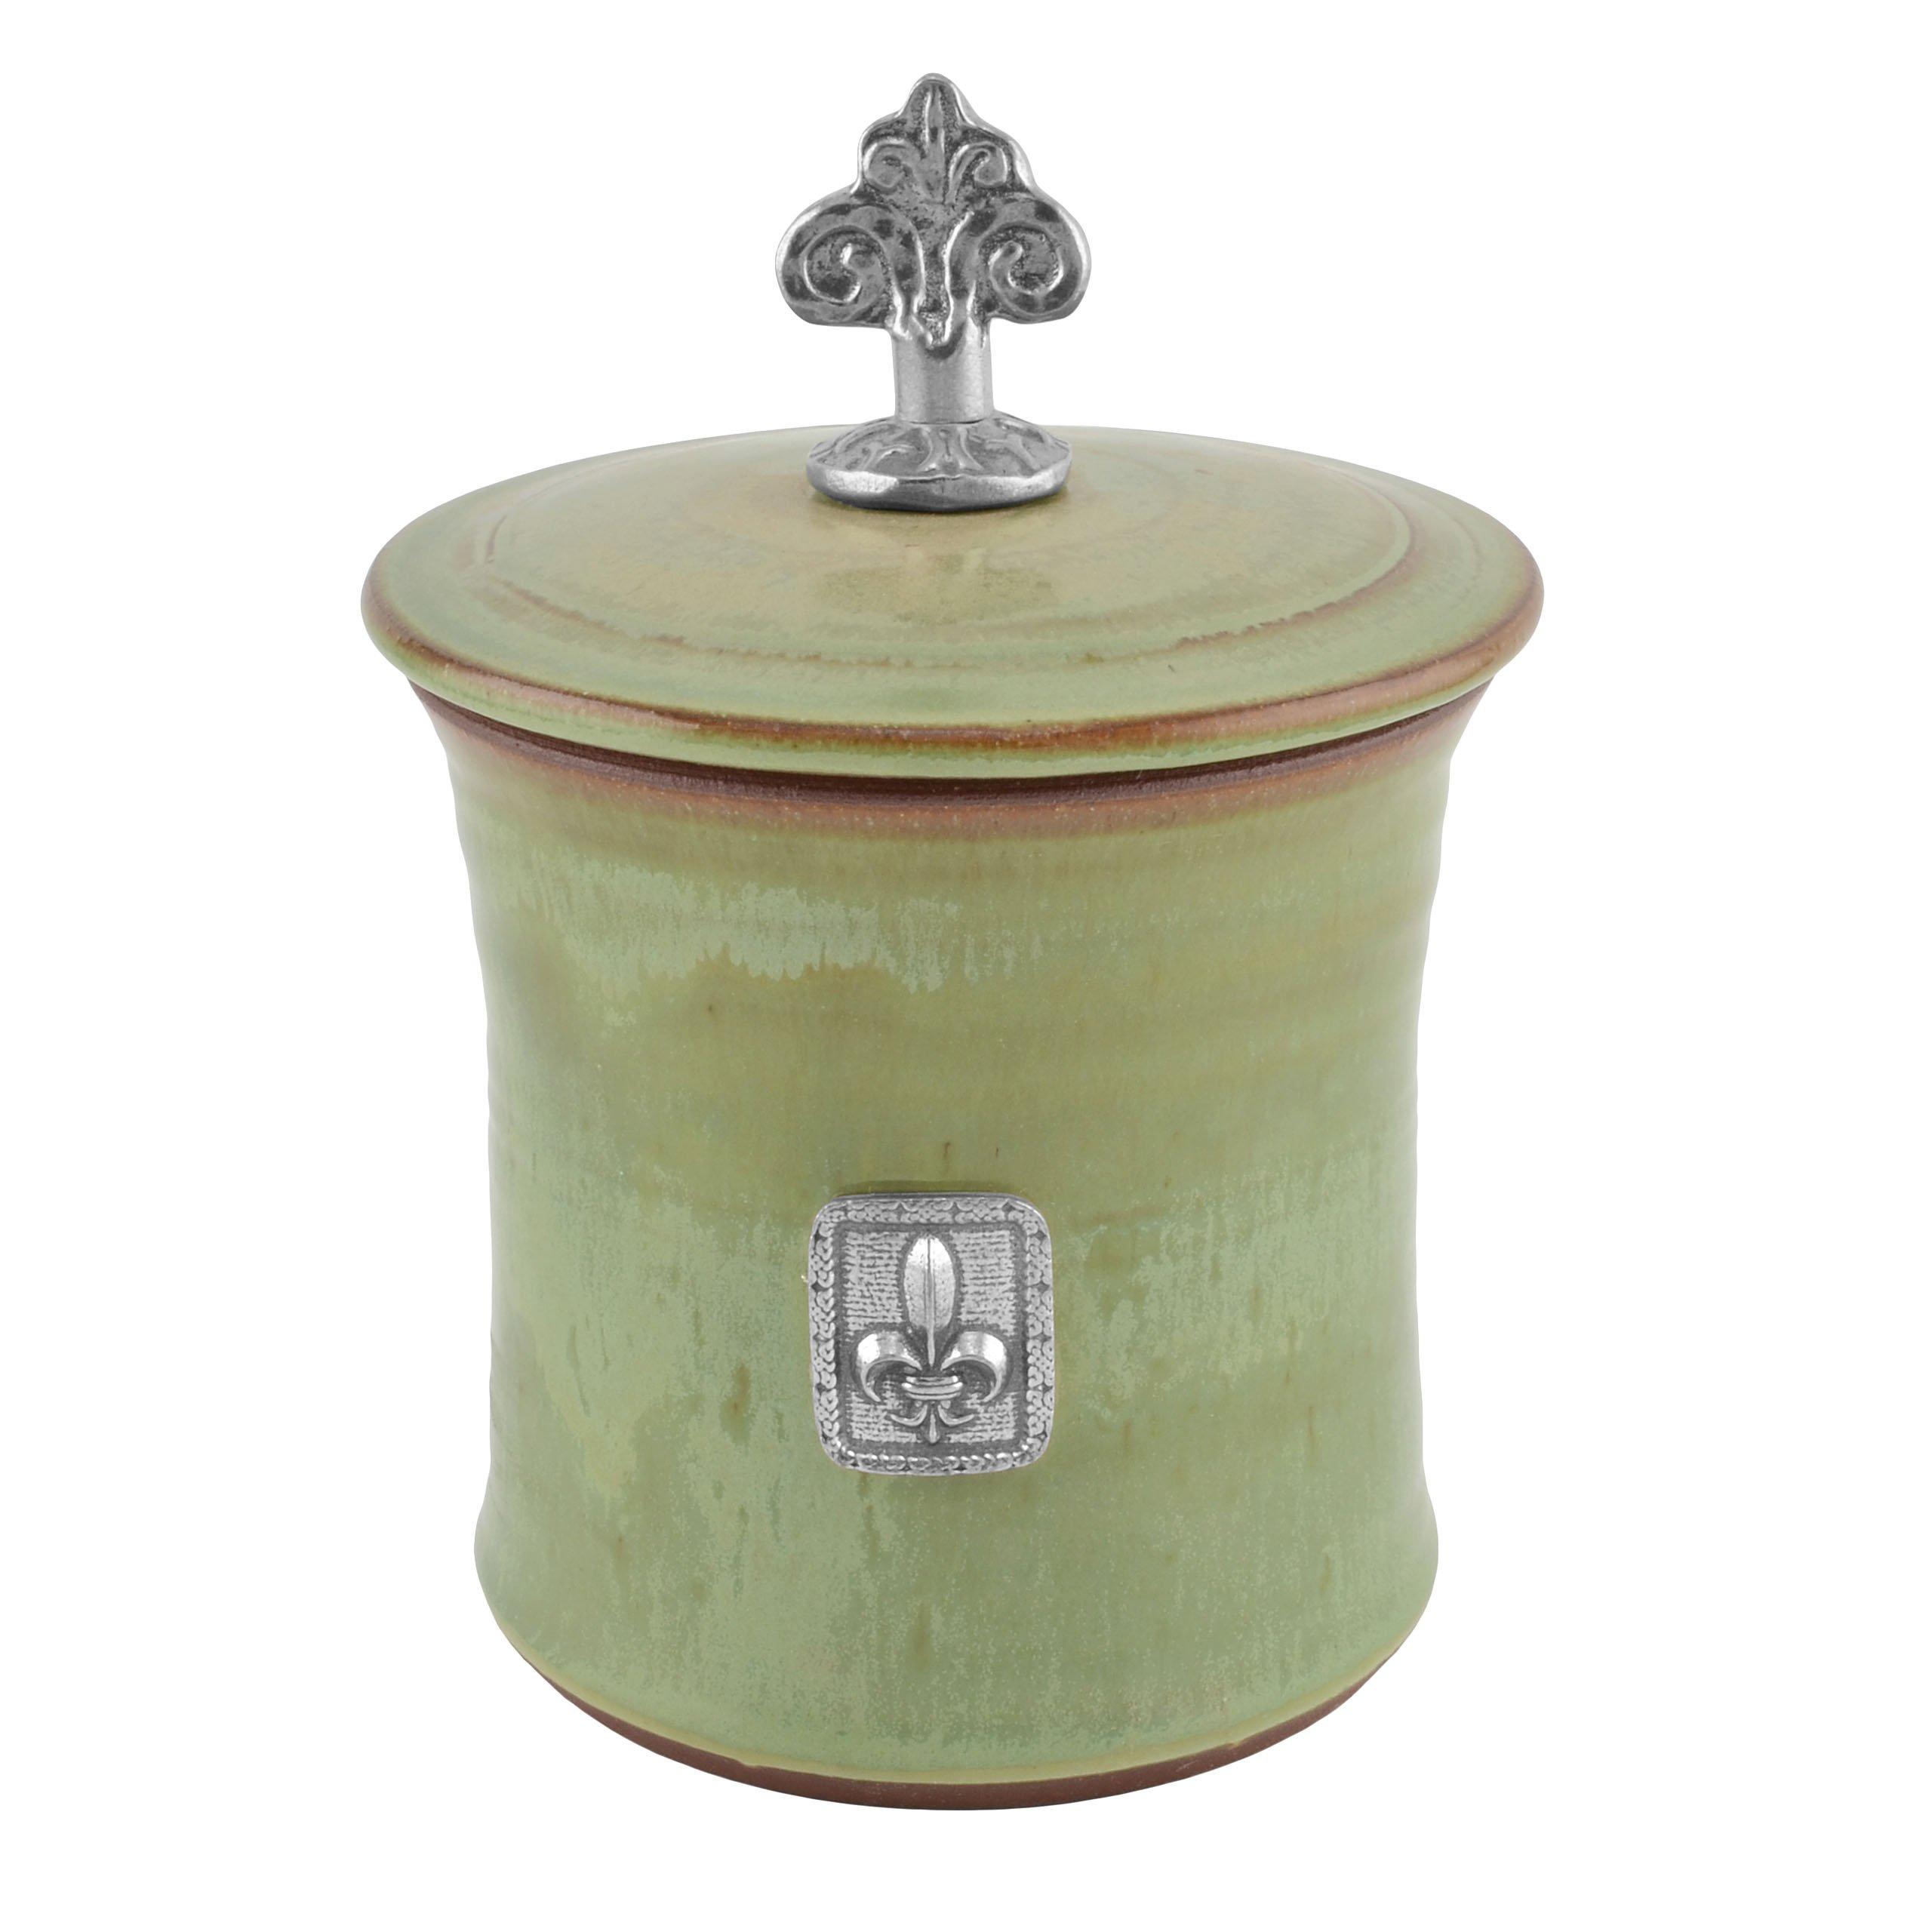 Oregon Stoneware Studio Fleur de Lys Garlic Pot with Pewter Finial, Pistachio by Oregon Stoneware Studio